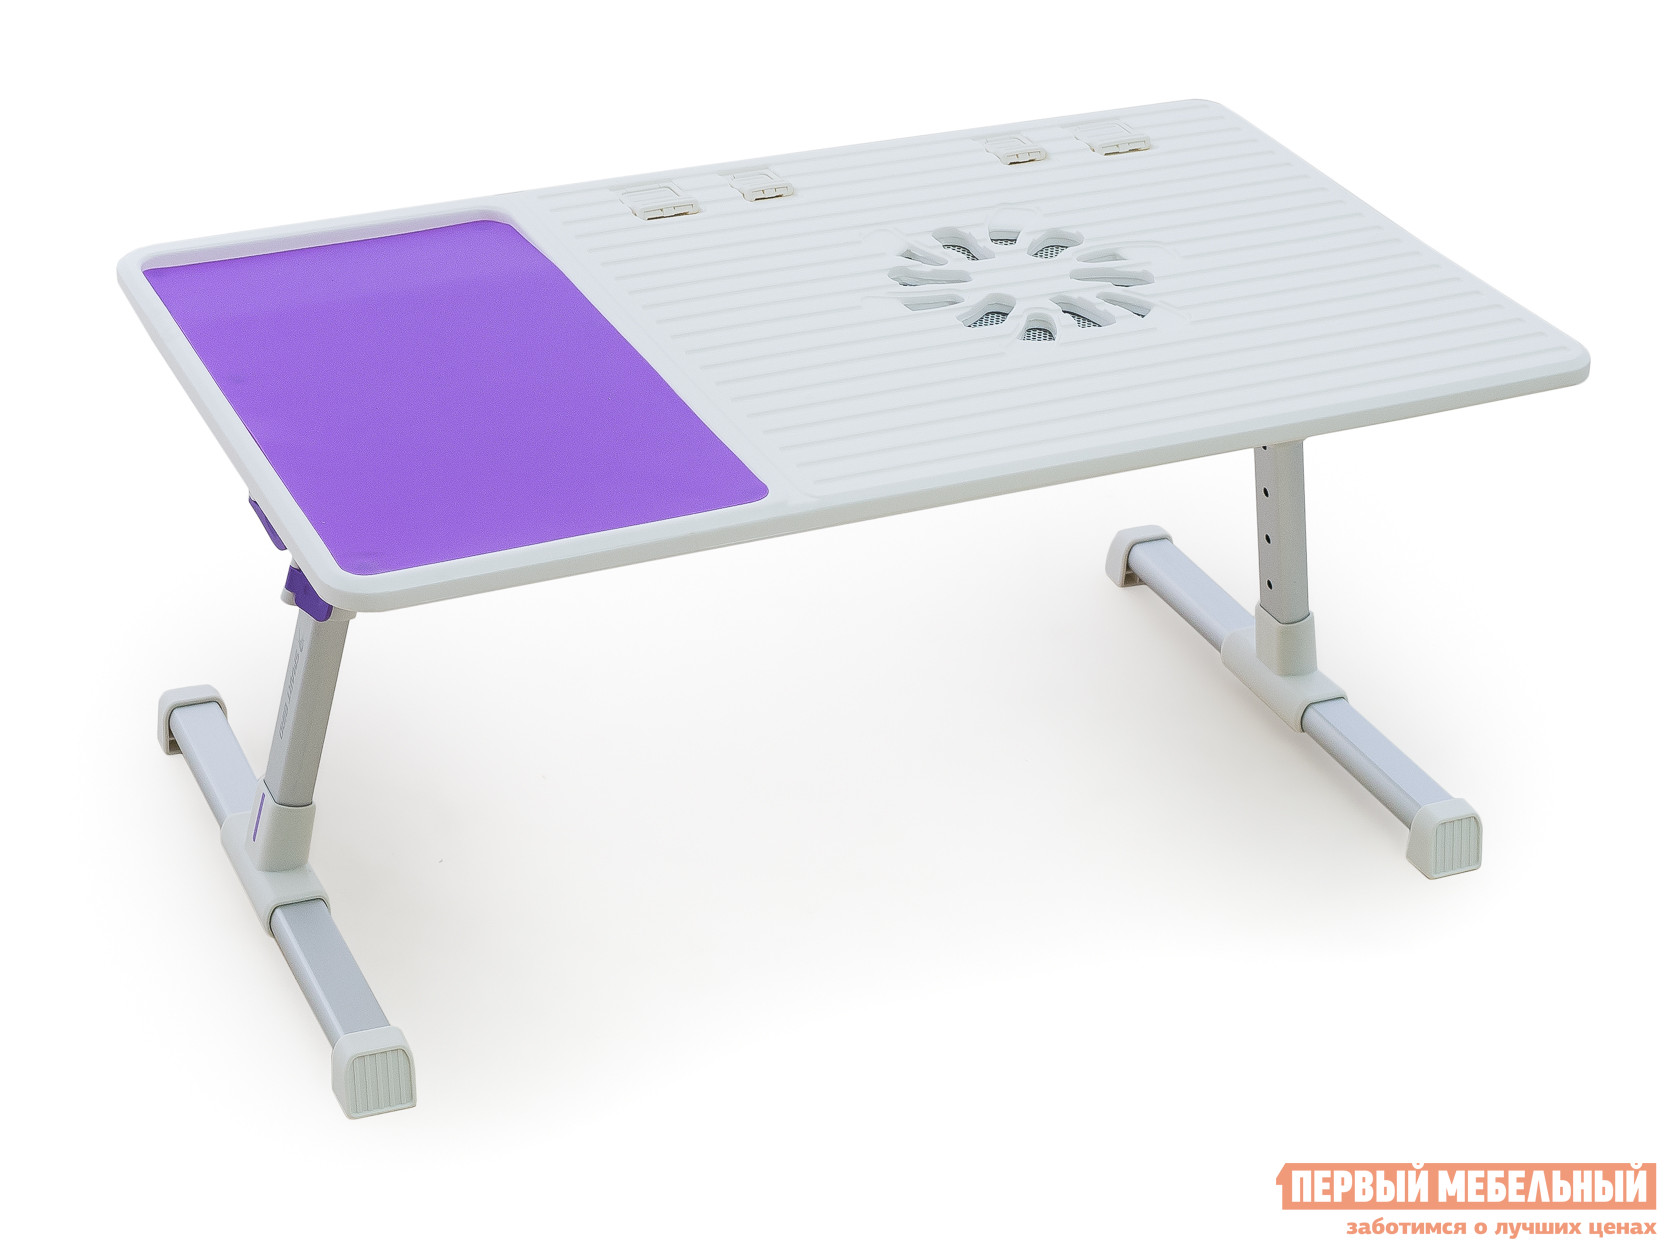 Компьютерный складной кроватный столик для ноутбука Smart bird PT-36